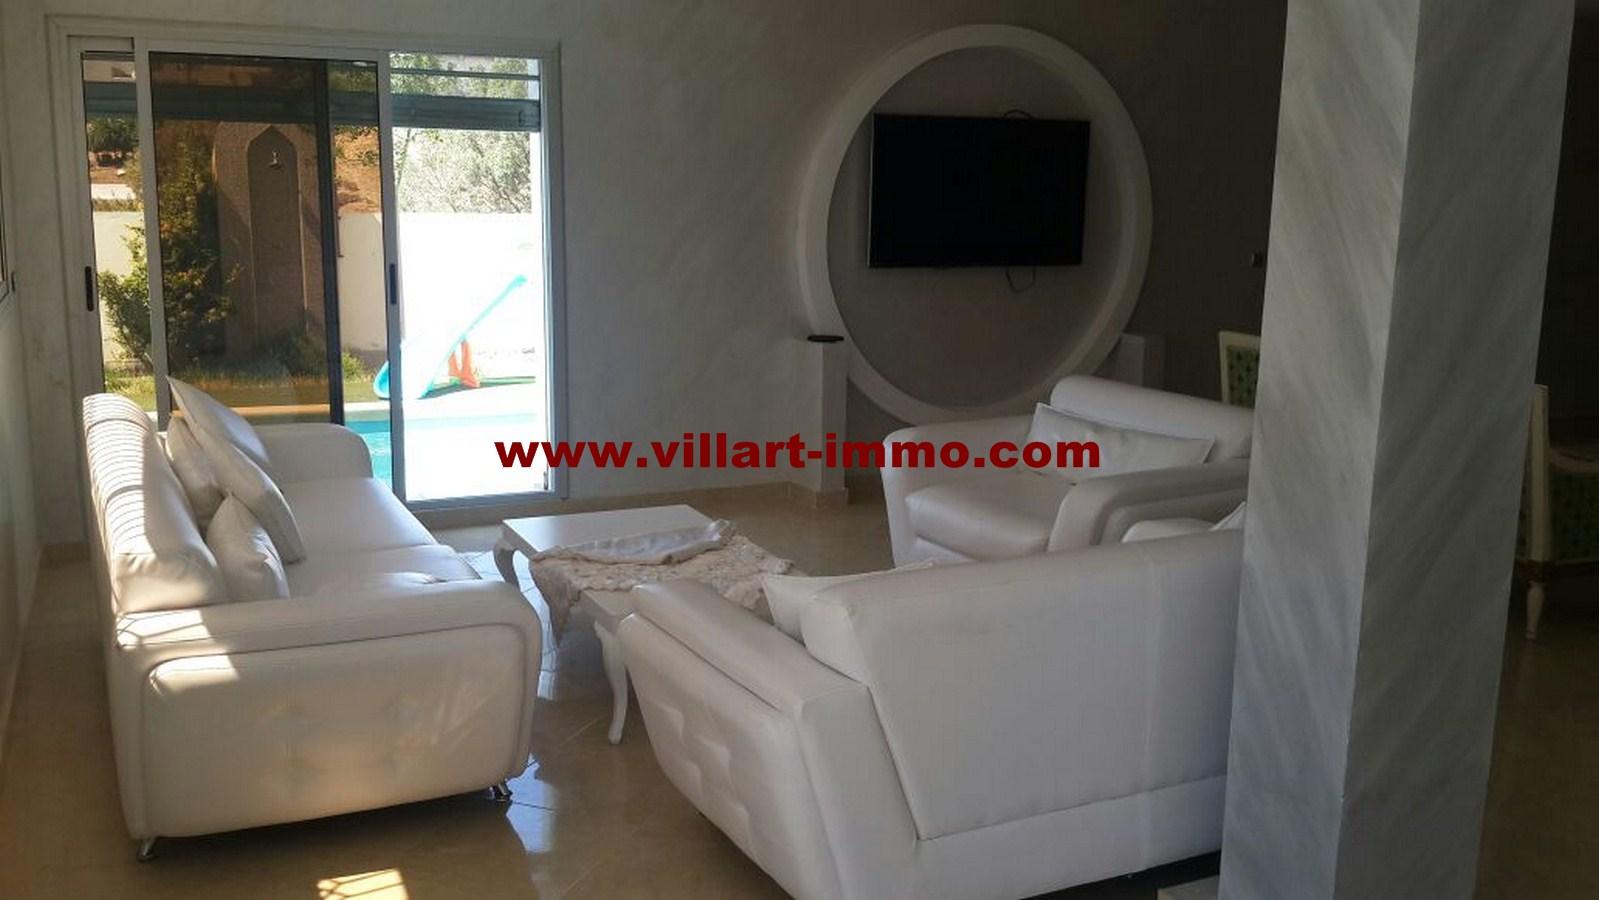 5-vente-villa-tanger-achakar-salon-1-vv451-villart-immo